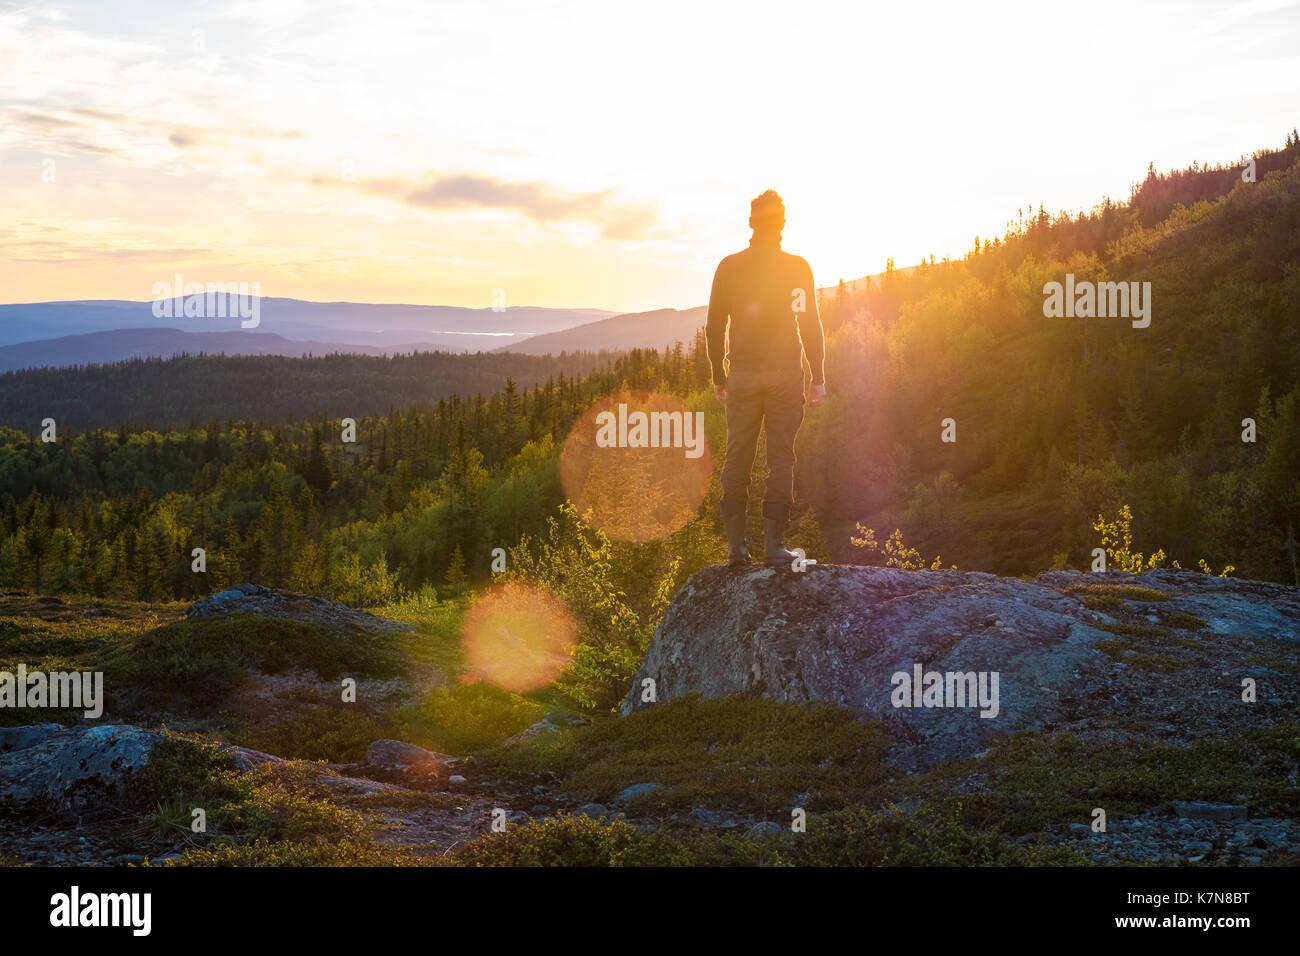 Jeune homme debout sur la grosse pierre à la recherche dans le coucher du soleil au milieu de paysages magnifiques Photo Stock